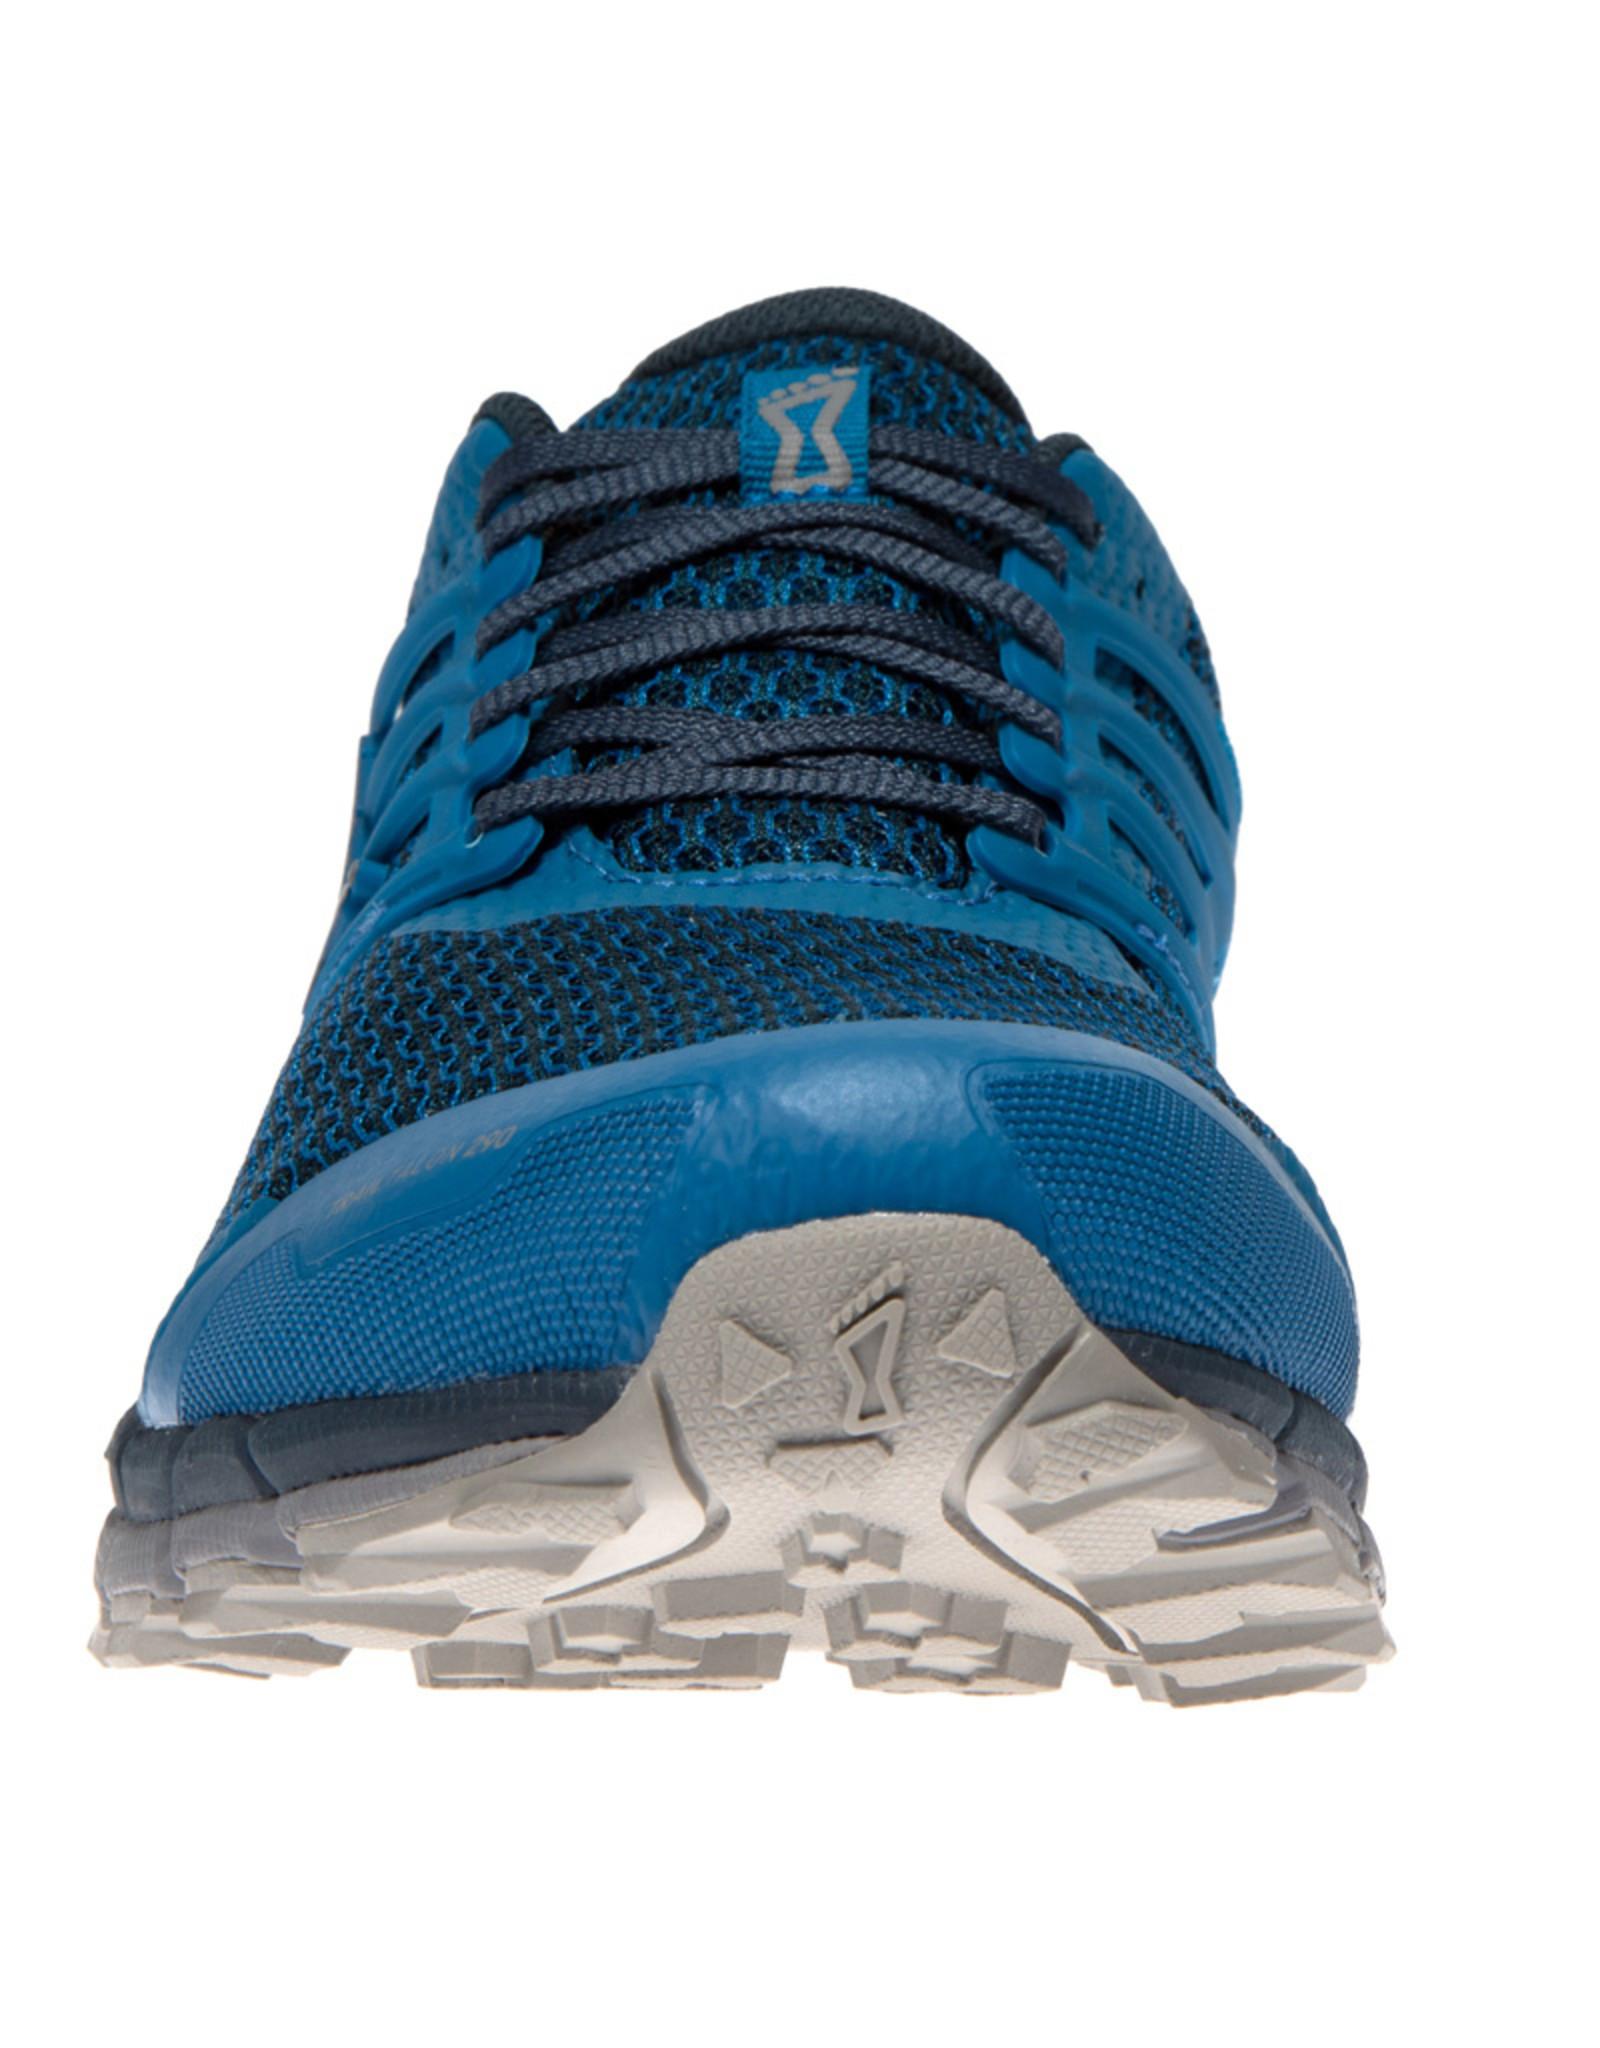 Inov-8 Trailtalon 290 Chaussure Trailrun - Bleu/Gris